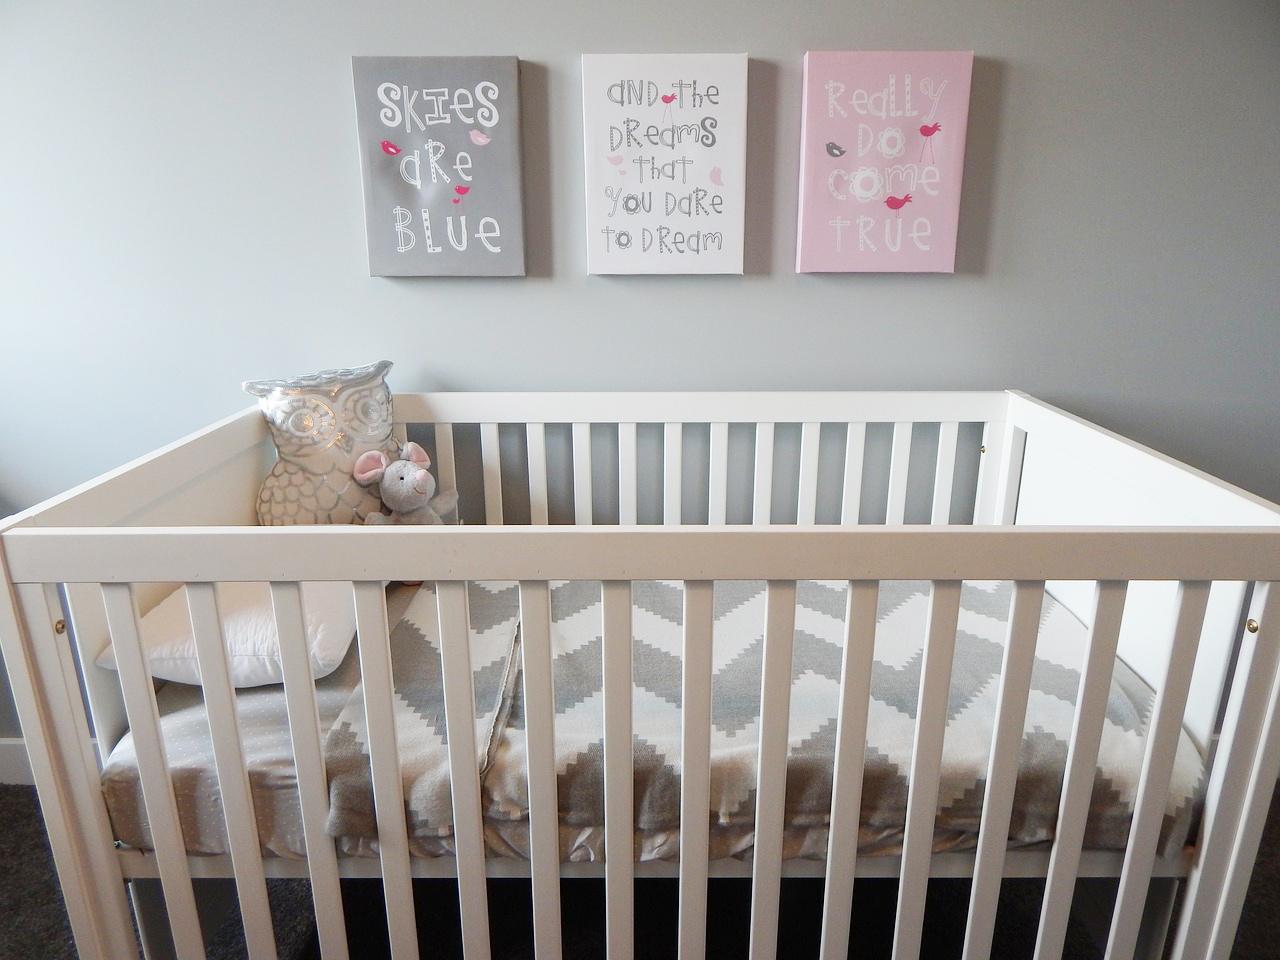 Full Size of Kleinkind Bett Wann Ist Mein Kind Alt Genug Fr Ein Greres Mommycircle Sofa Mit Bettfunktion Bette Badewannen 90x200 Lattenrost Und Matratze Schlafzimmer Betten Bett Kleinkind Bett